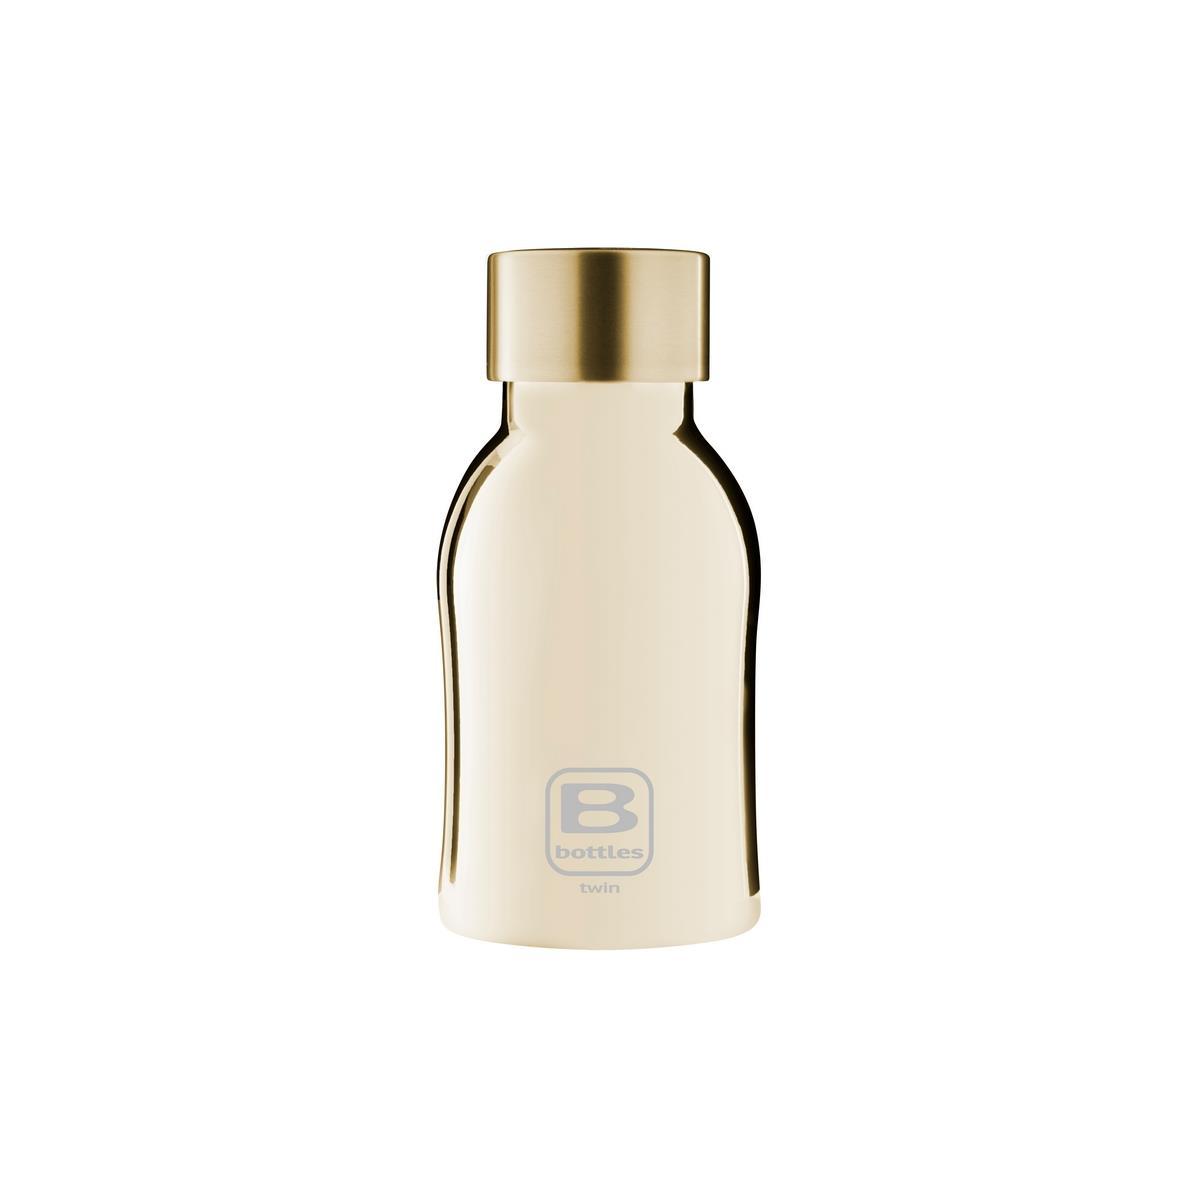 B Bottles Twin - Yellow Gold Lux - 250 ml - Bottiglia Termica a doppia parete in acciaio inox 18/10